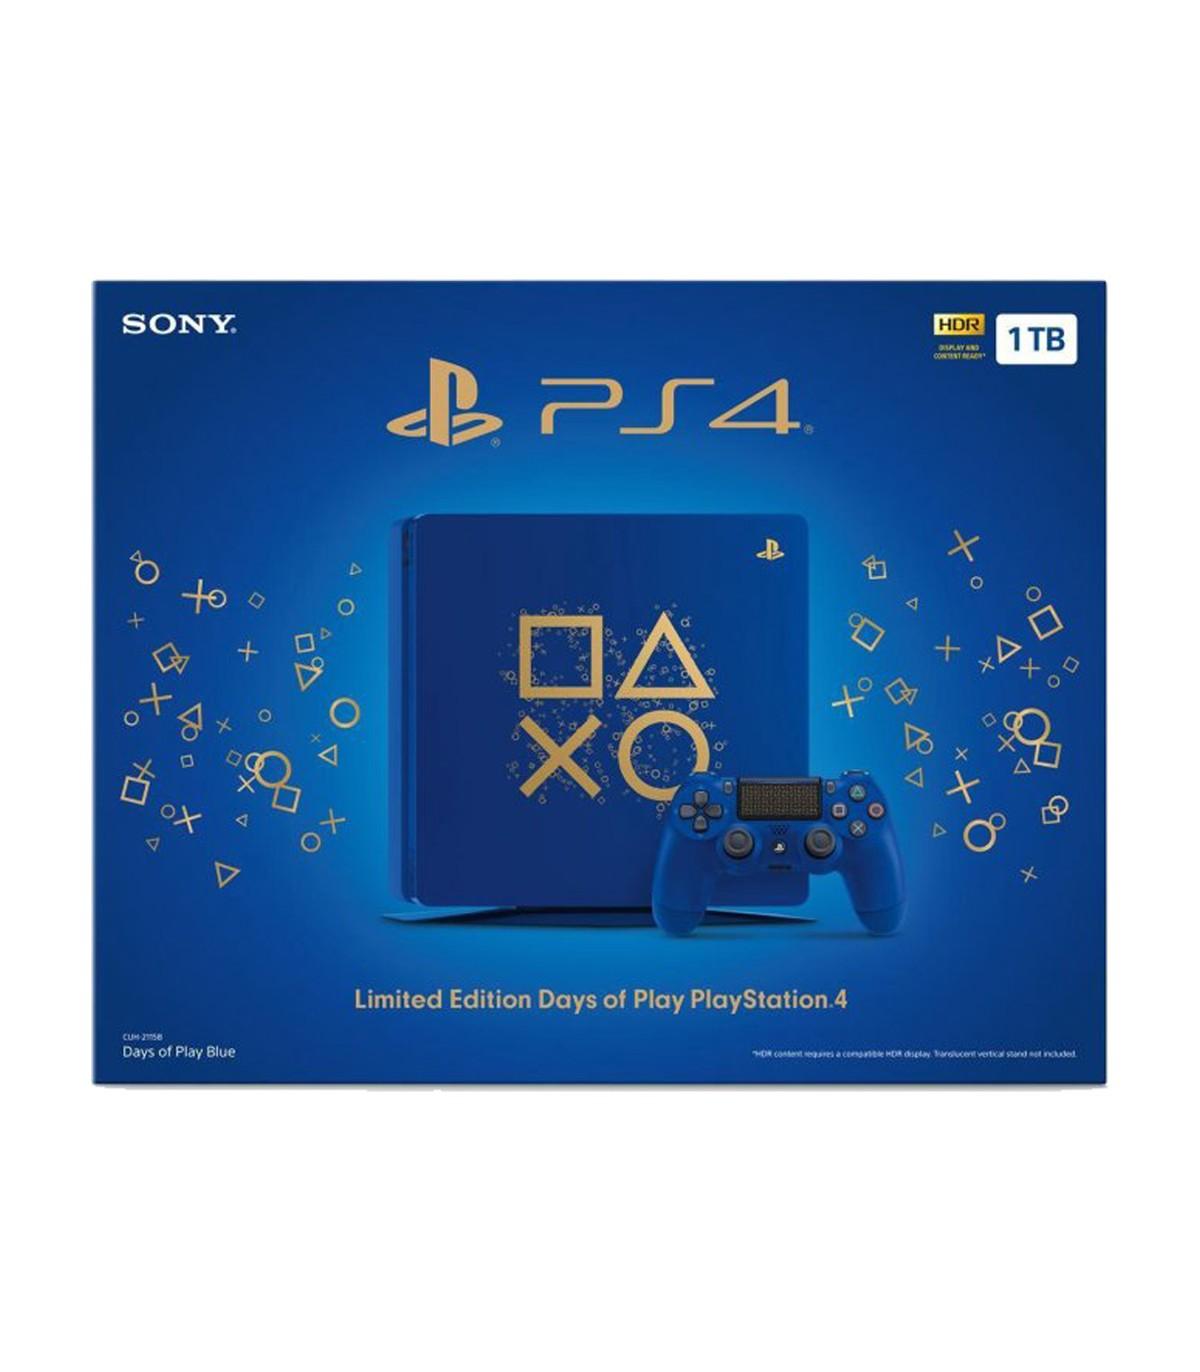 کنسول بازی اسلیم لیمیتد ادیشن PlayStation 4 Slim Days of Play